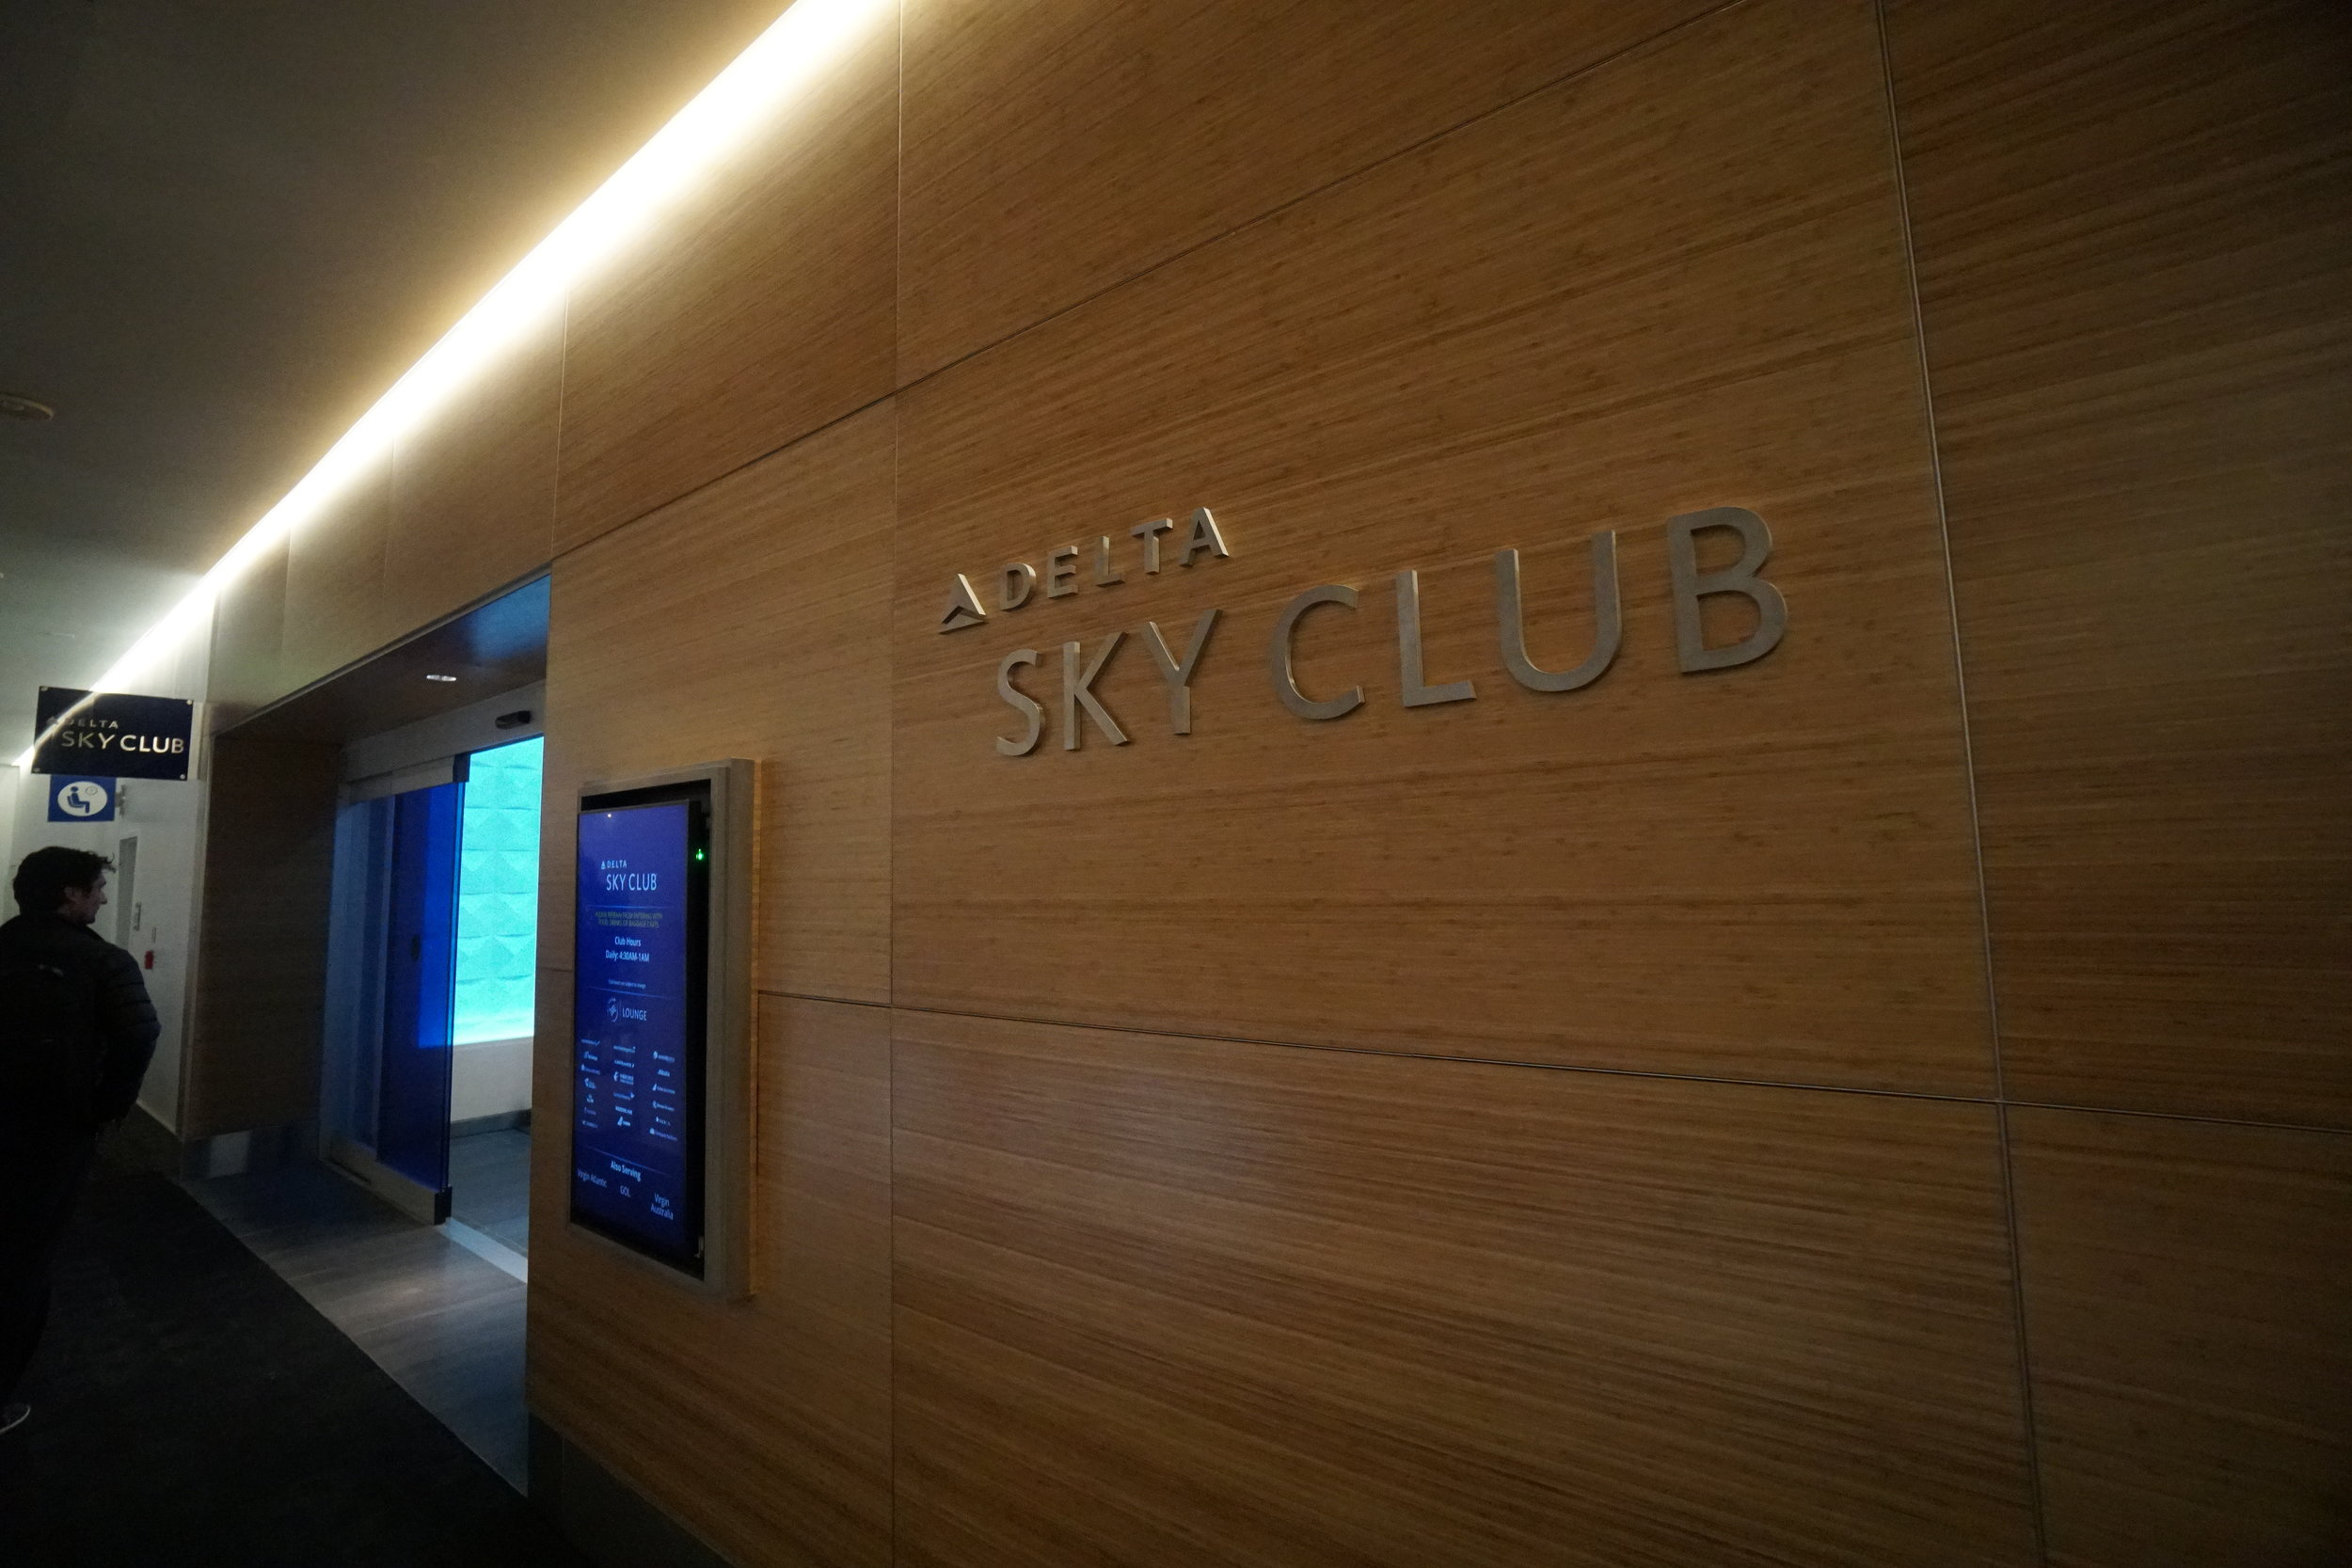 delta sky club lax t2